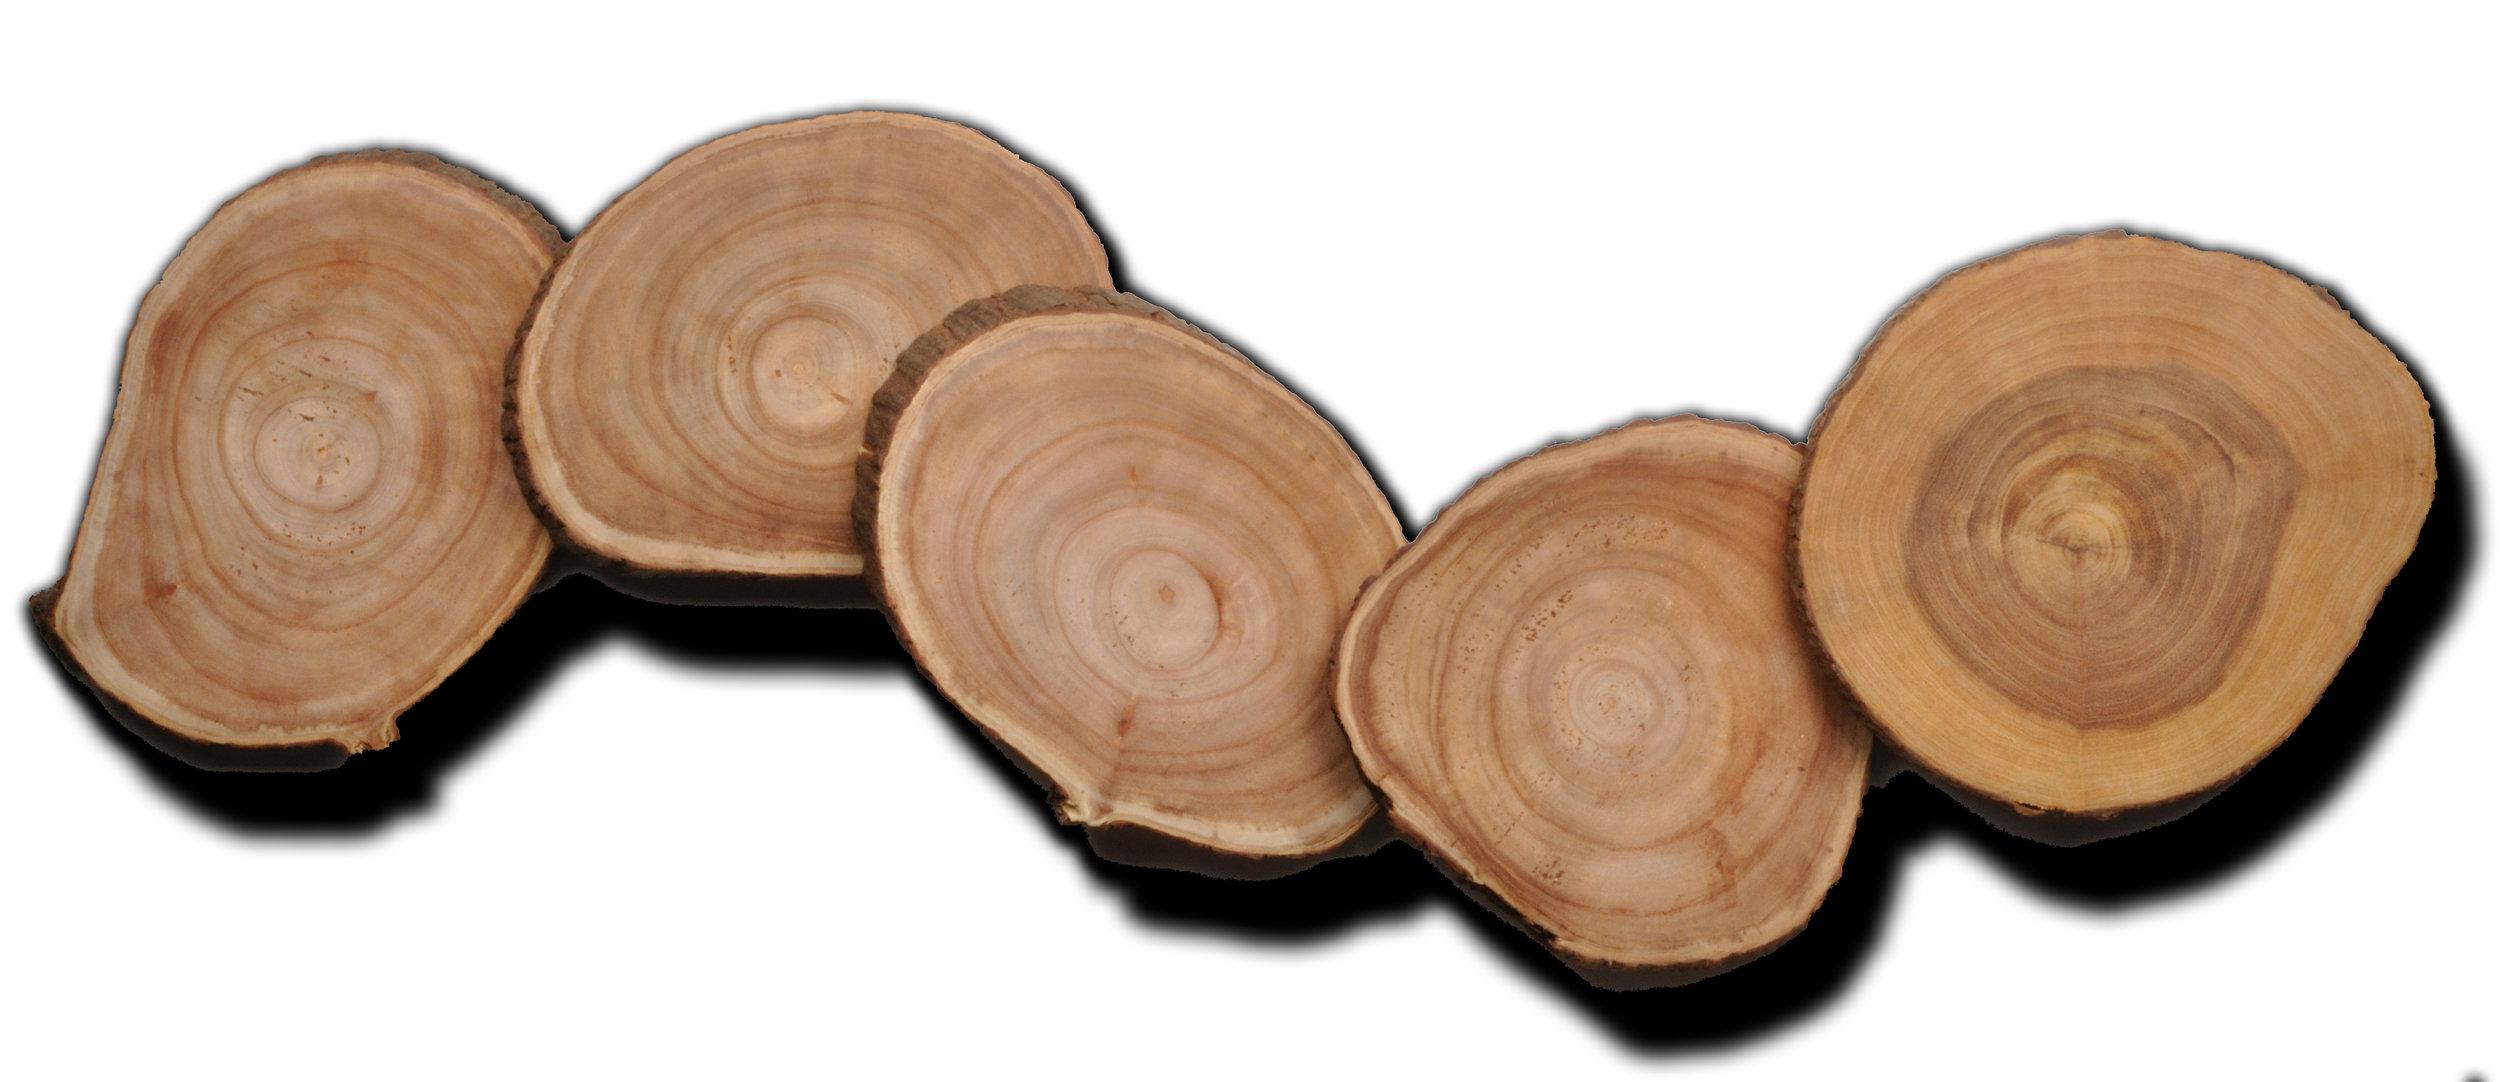 TreeTrunkSlices.JPG